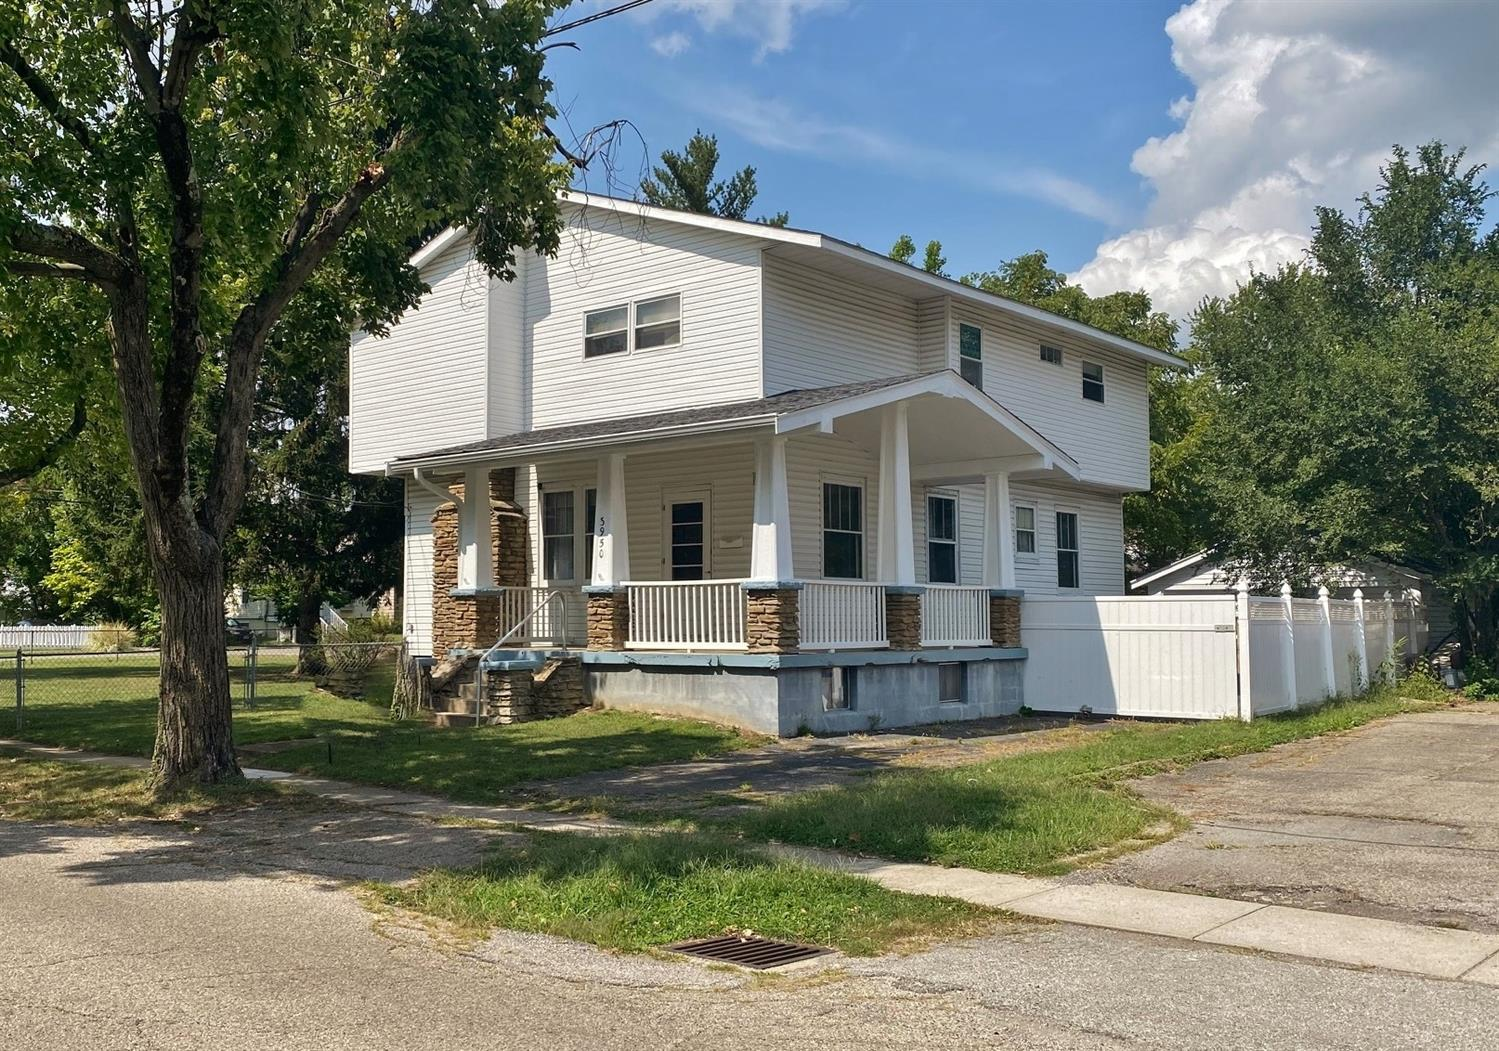 3950 Webster Ave Deer Park, OH